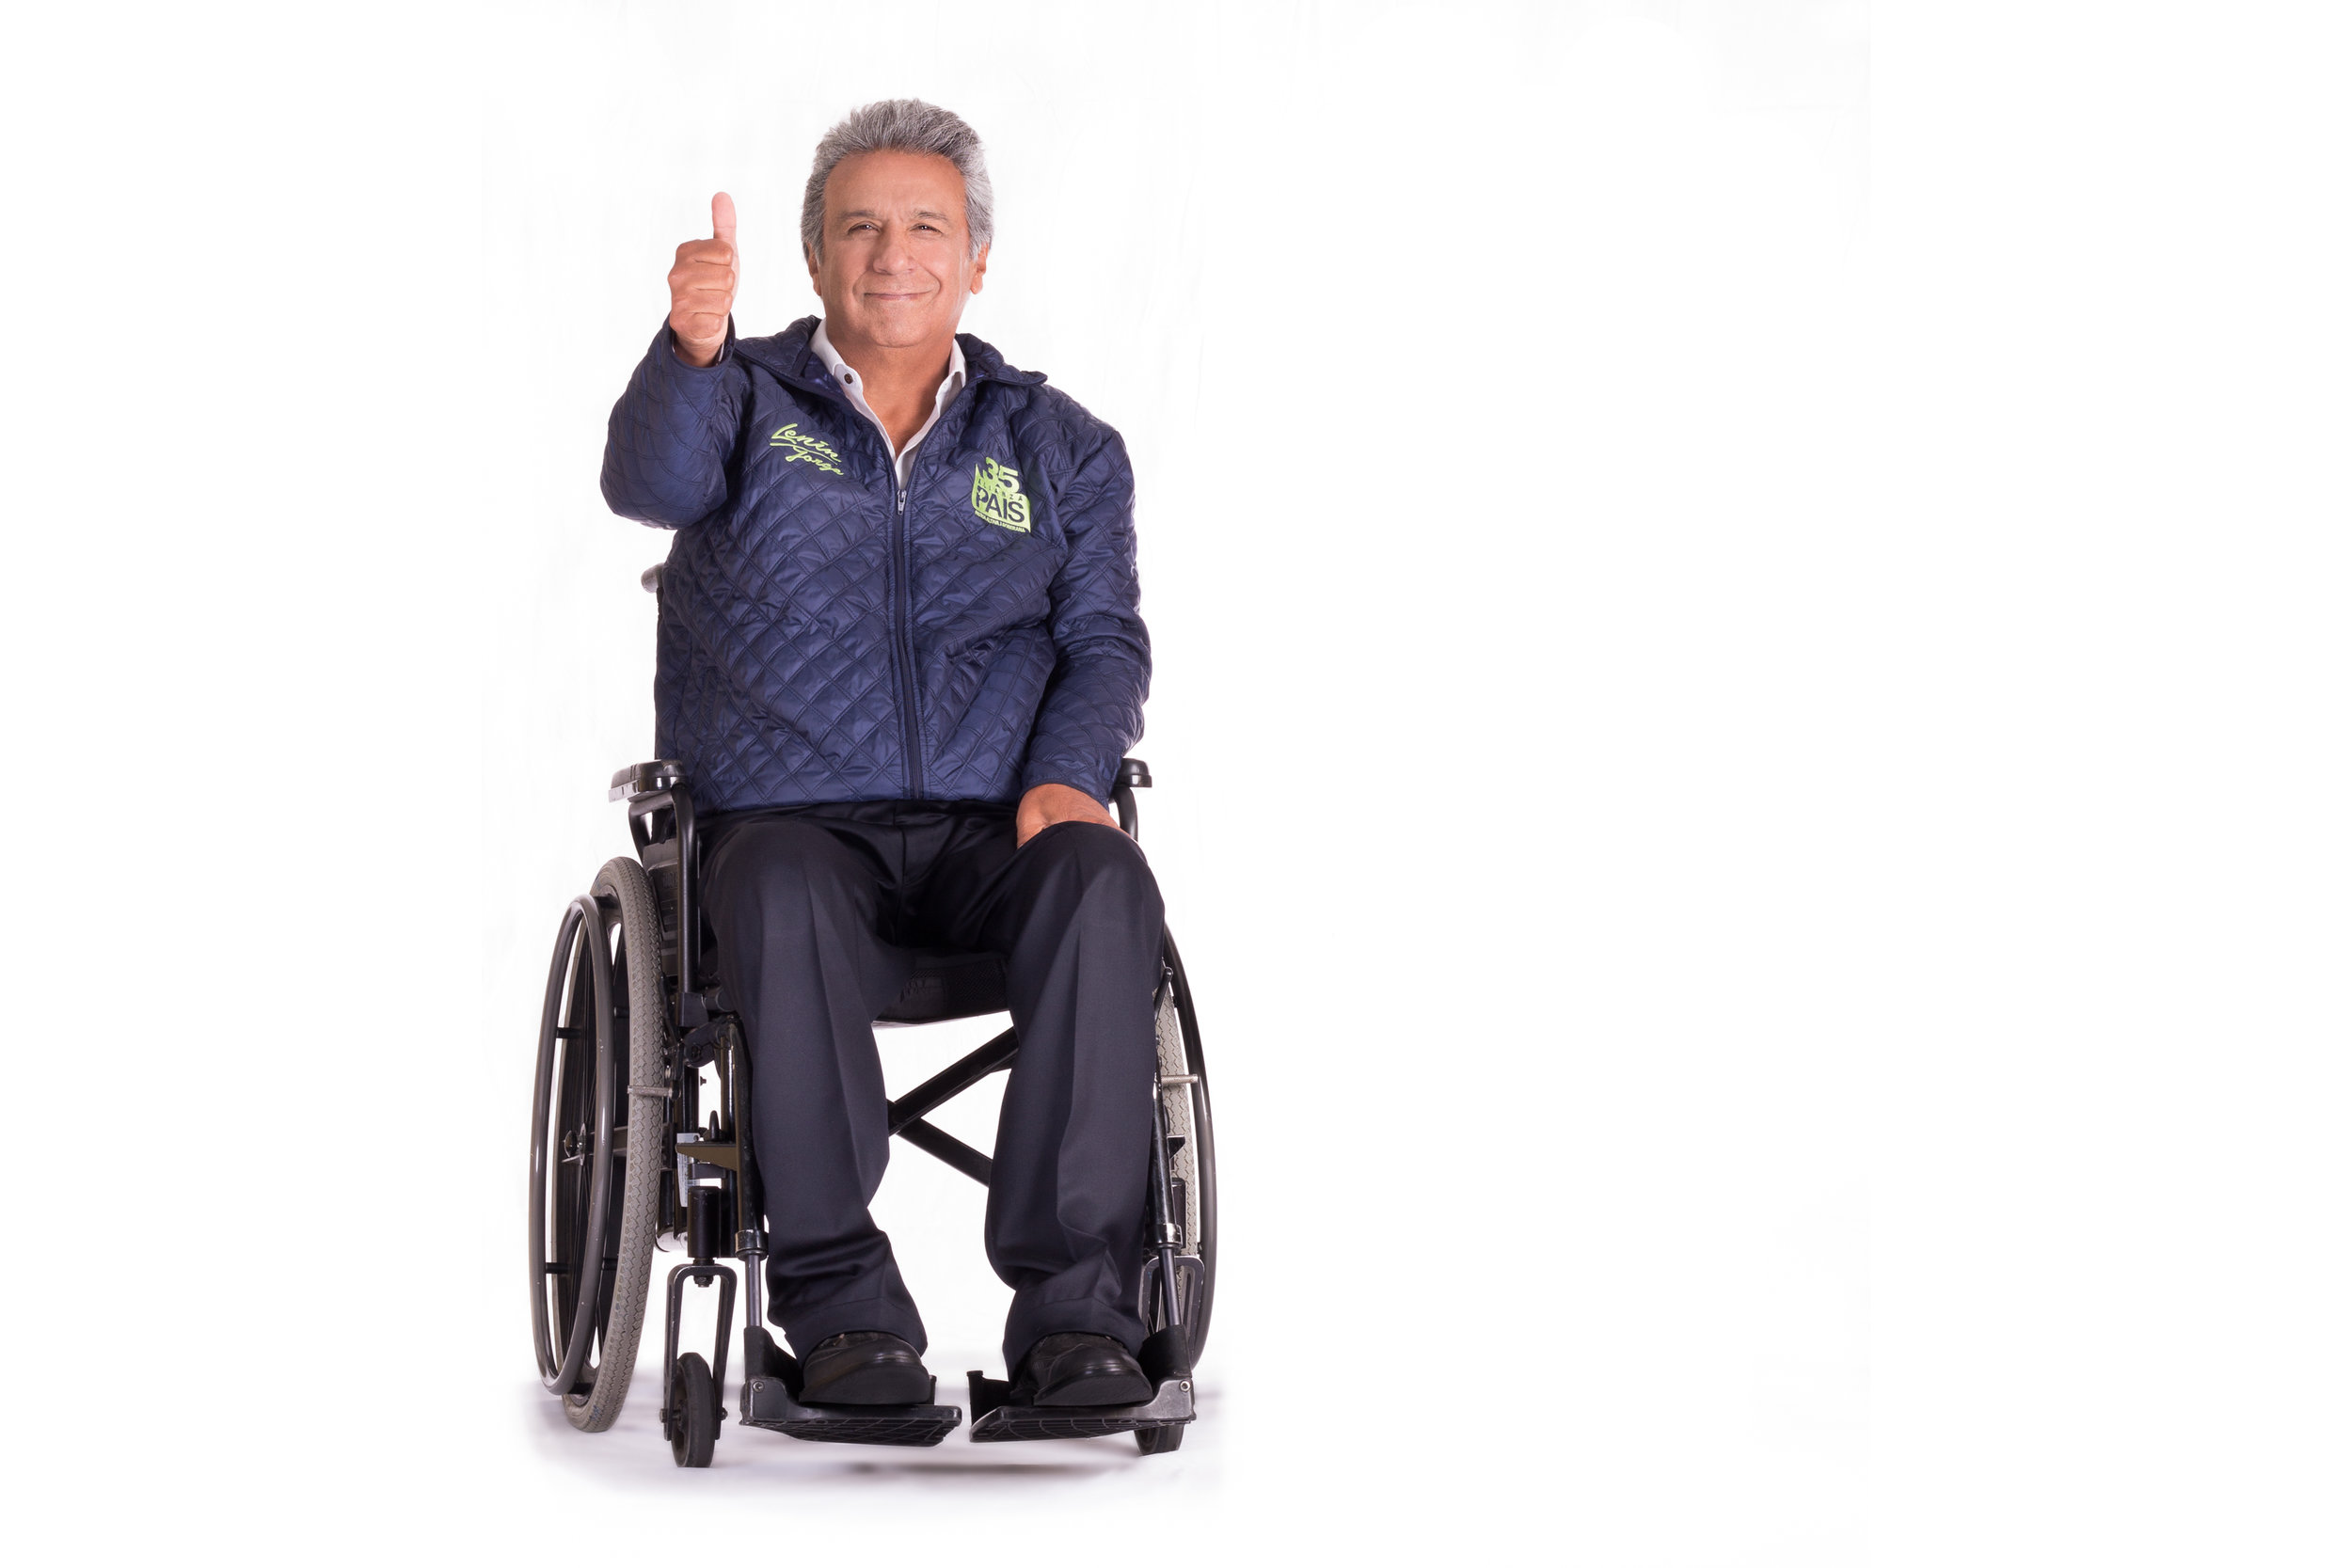 LENÍN MORENO - Campaña: Presidencia del Ecuador.